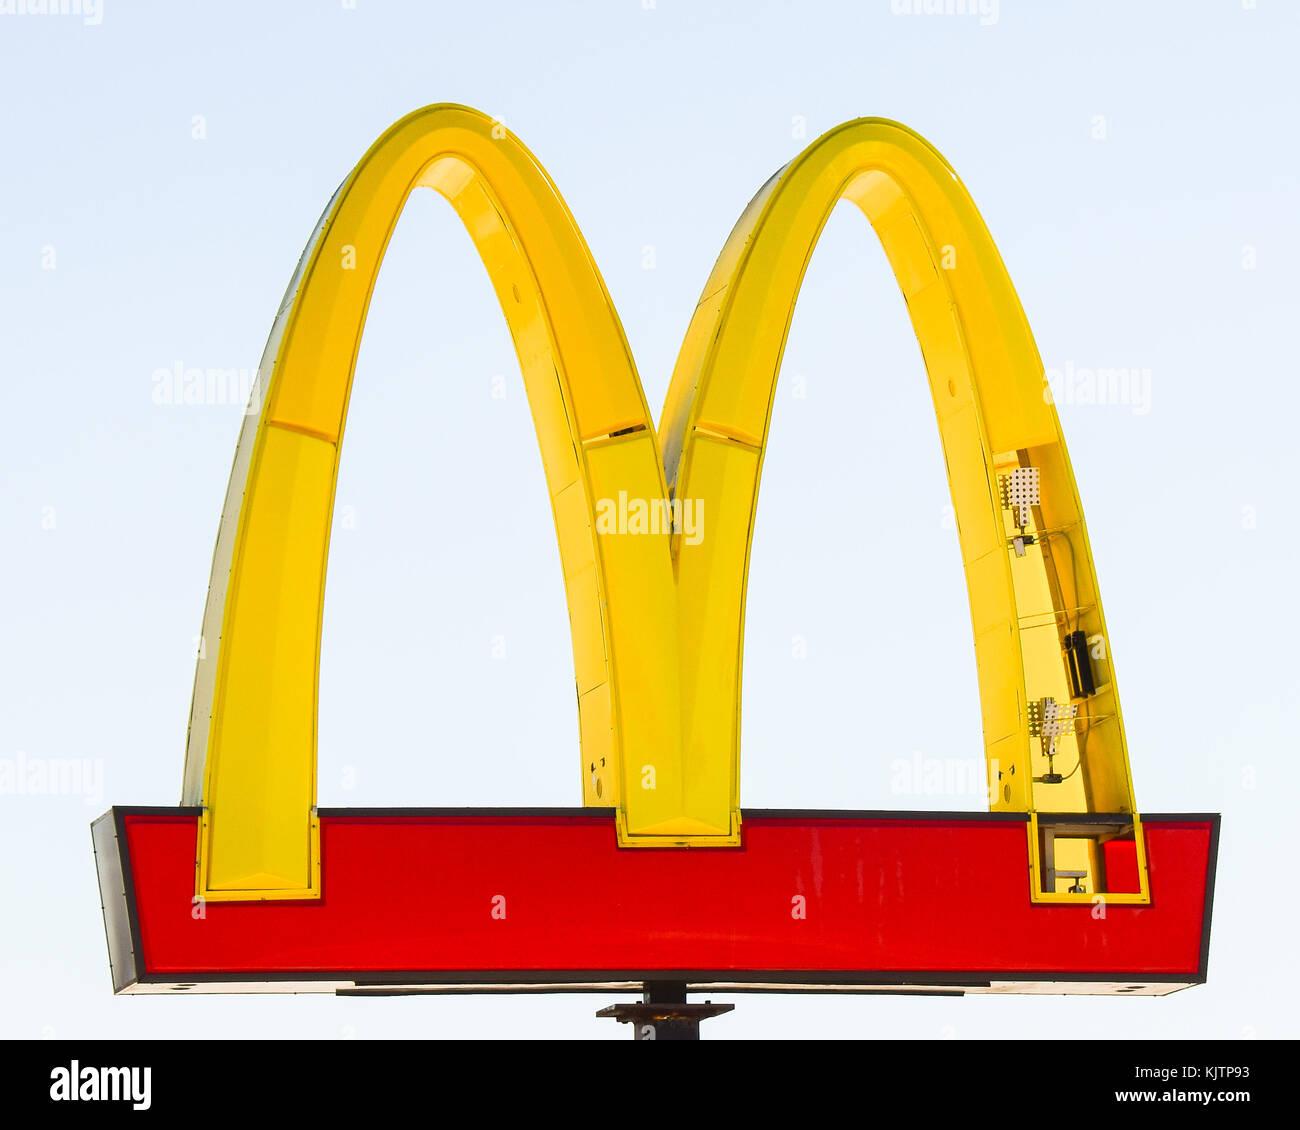 Mcdonald's Iconic Golden Arches mit gebrochenen Platten von einem Sturm. Stockbild